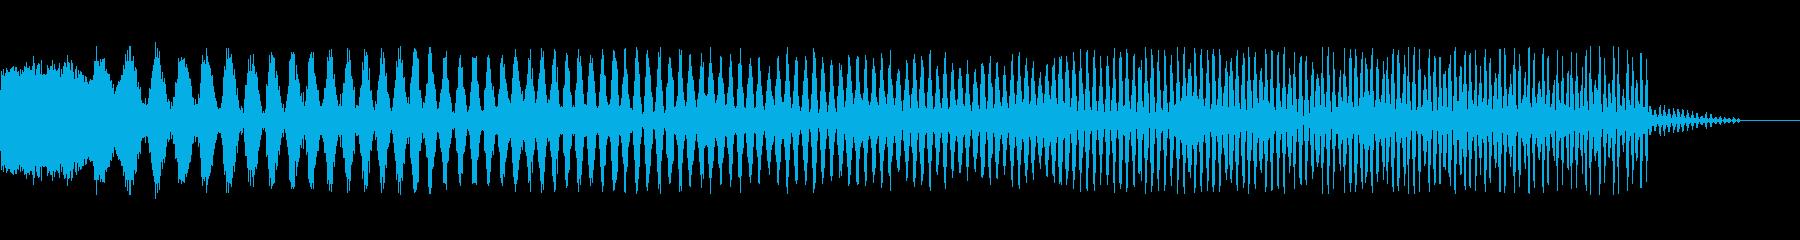 電動スイーパー1の再生済みの波形